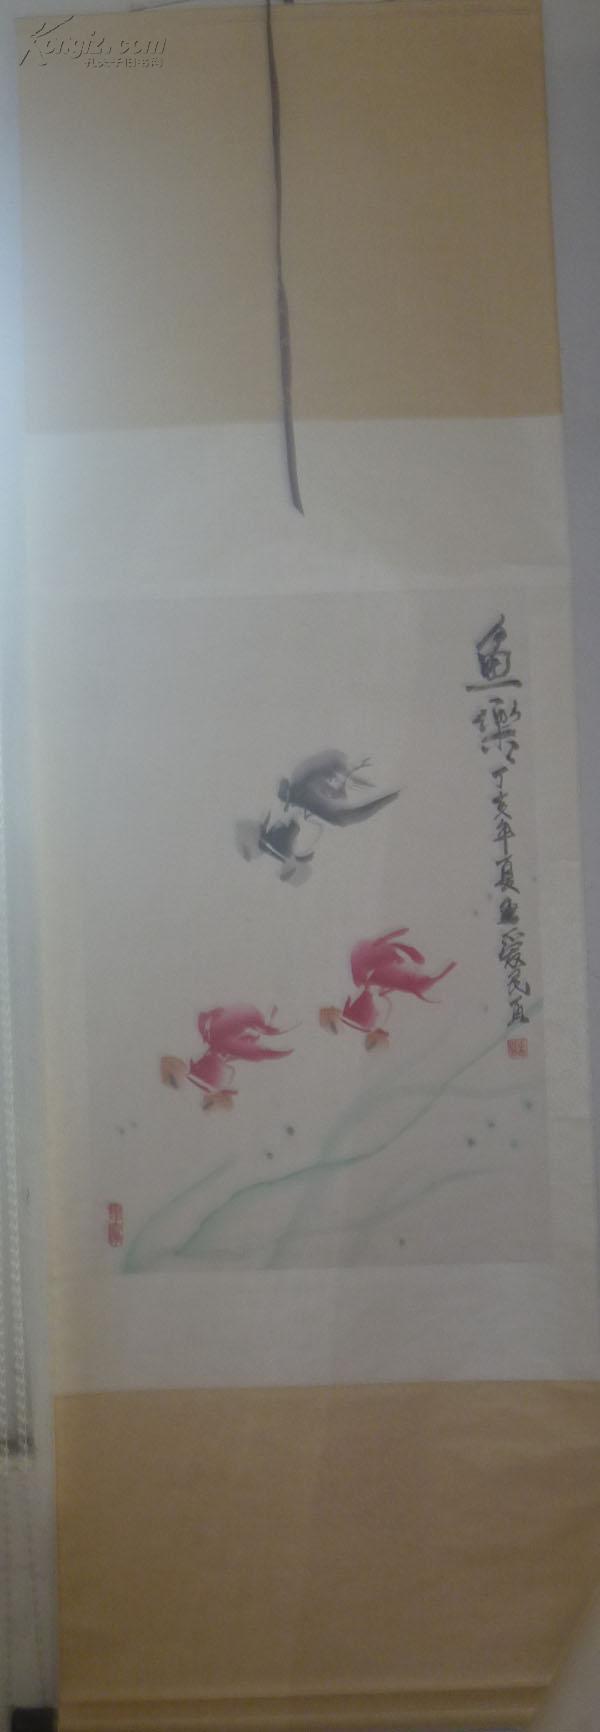 轴125 知名书画家【王爱民】国画《鱼乐》 四尺三开,绫裱立轴 拍品